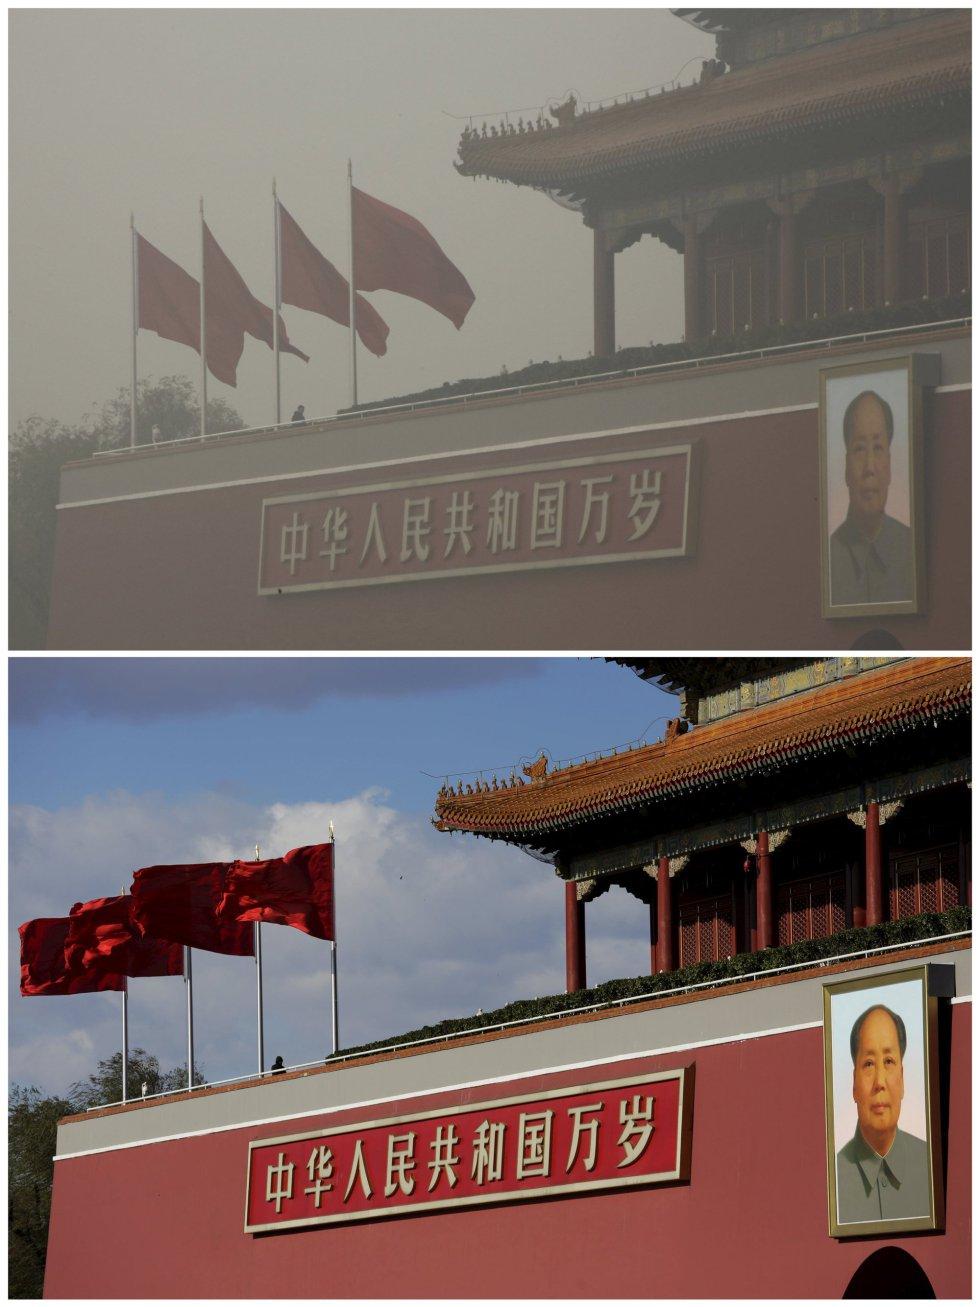 El retrato gigante de Mao Zedong, en la plaza de Tiananmen, bajo la contaminación y en un día soleado.